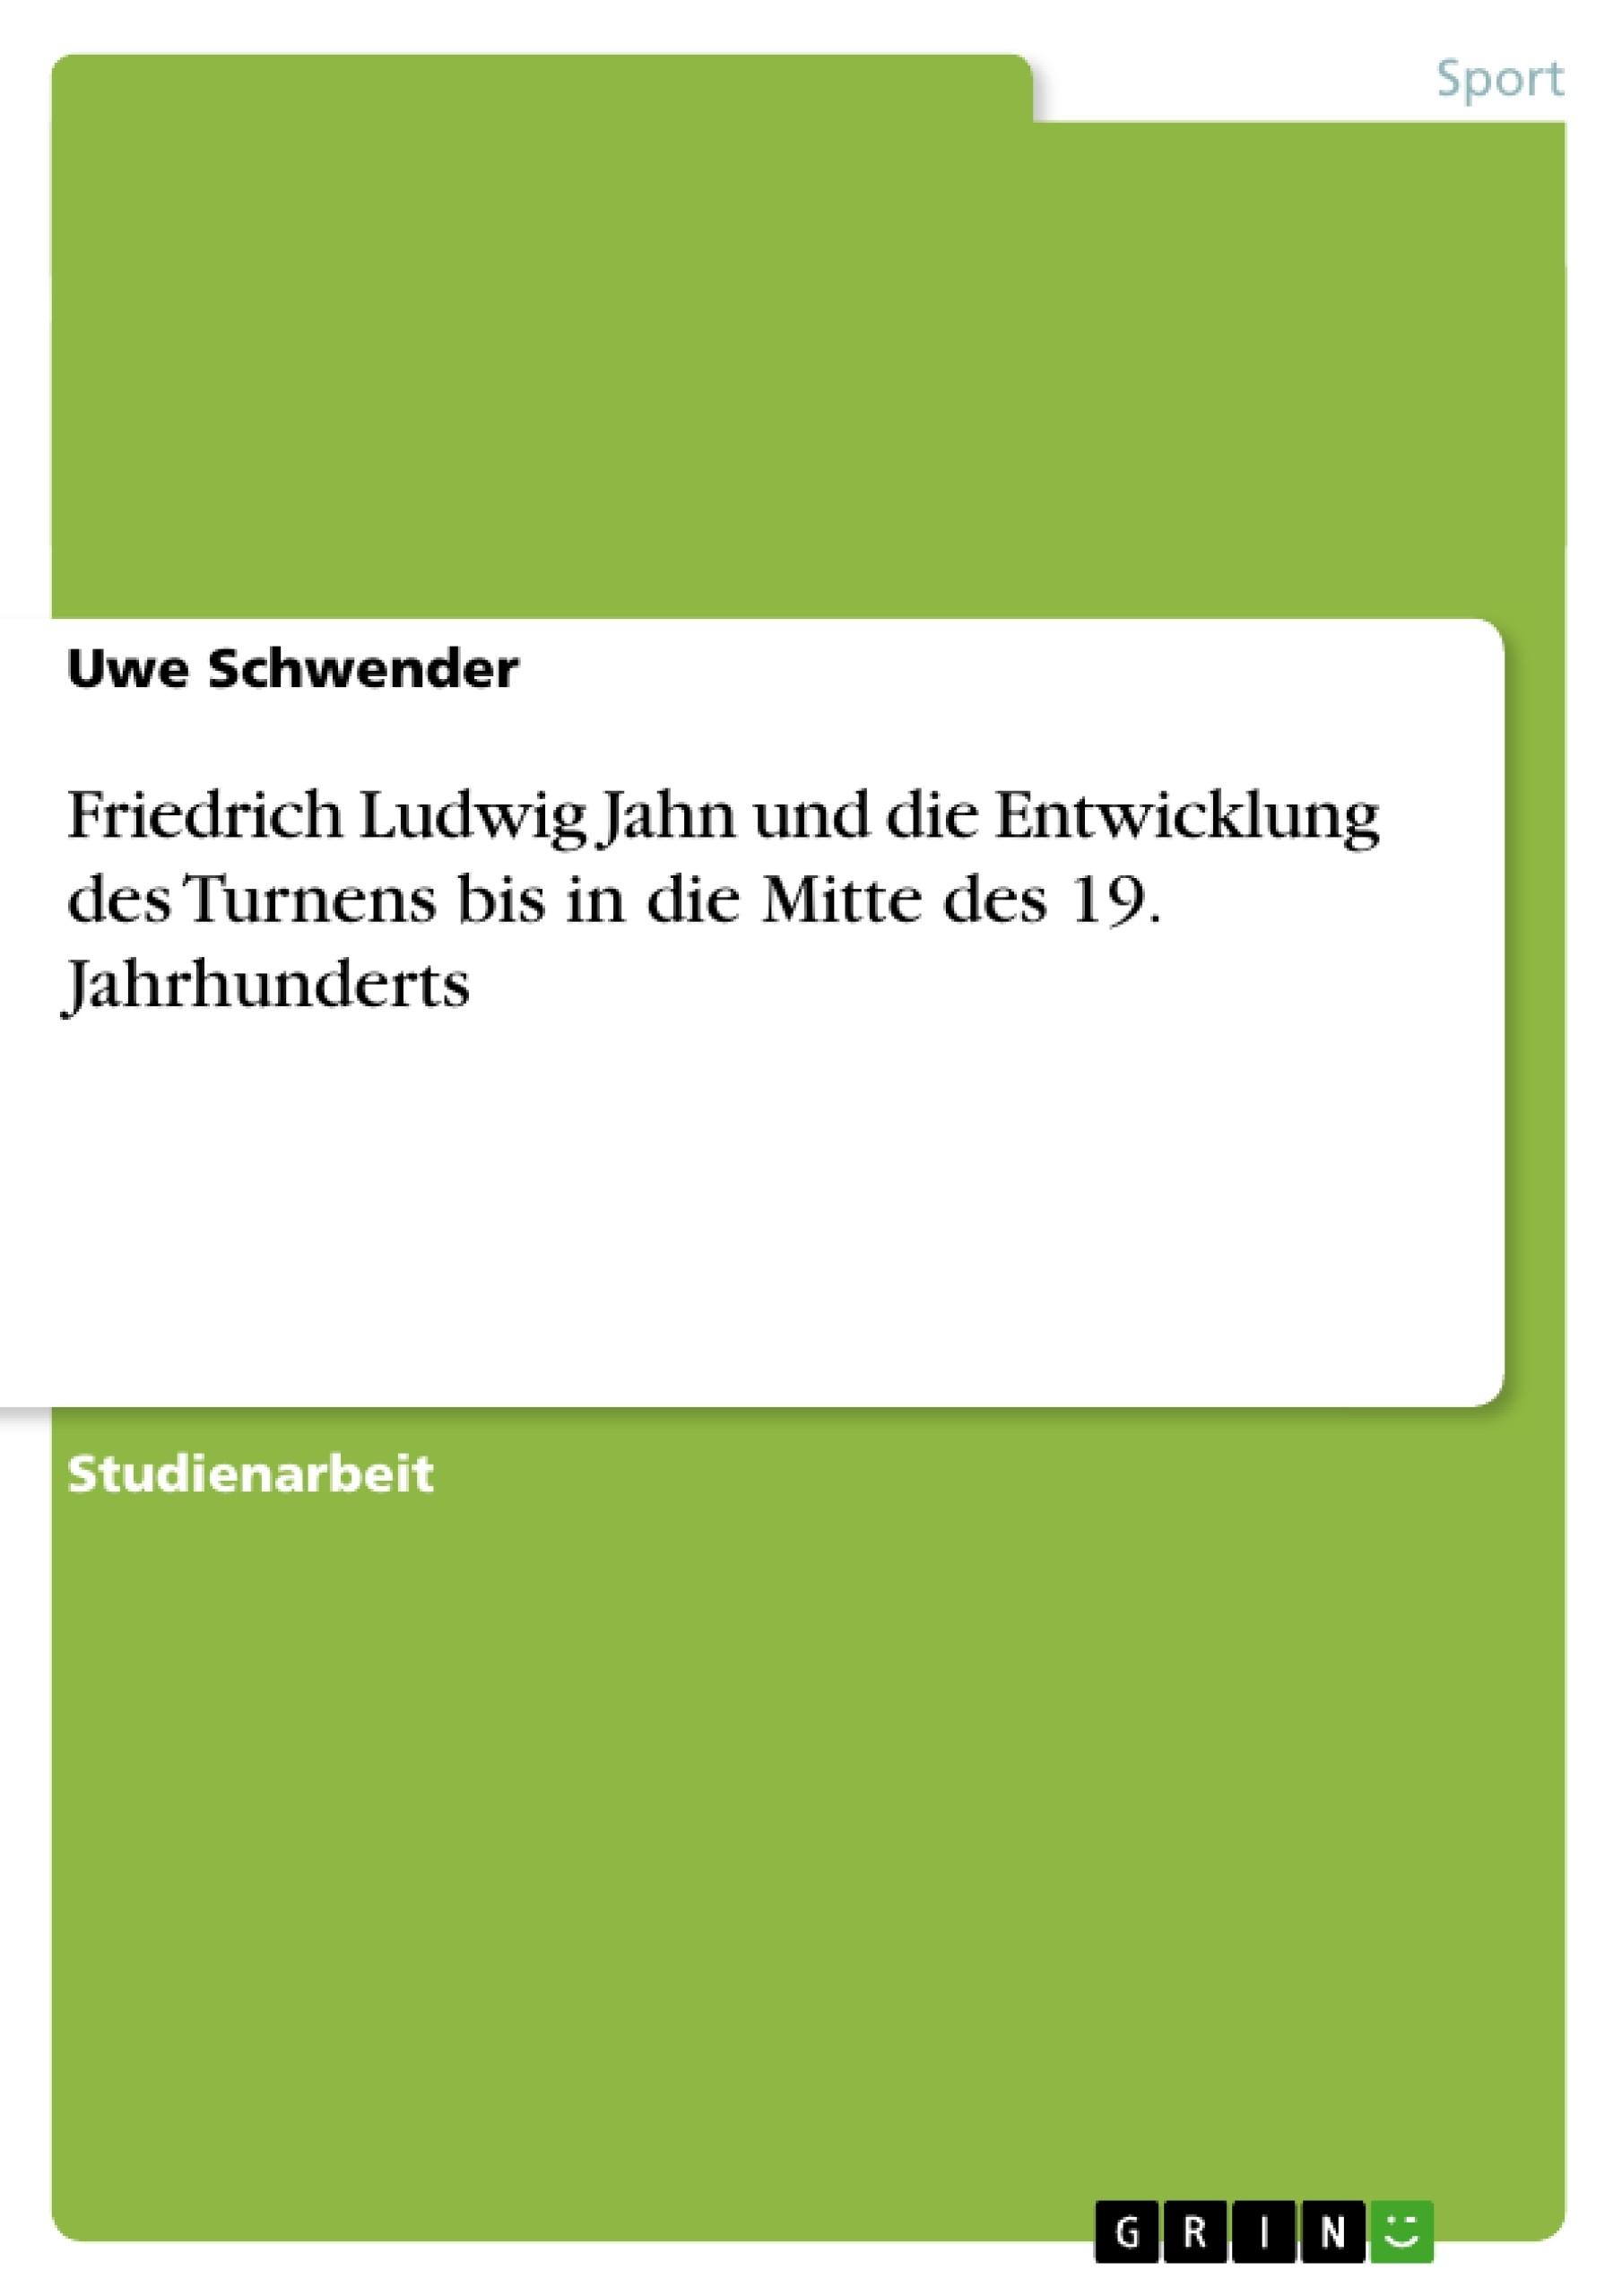 Titel: Friedrich Ludwig Jahn und die Entwicklung des Turnens bis in die Mitte des 19. Jahrhunderts